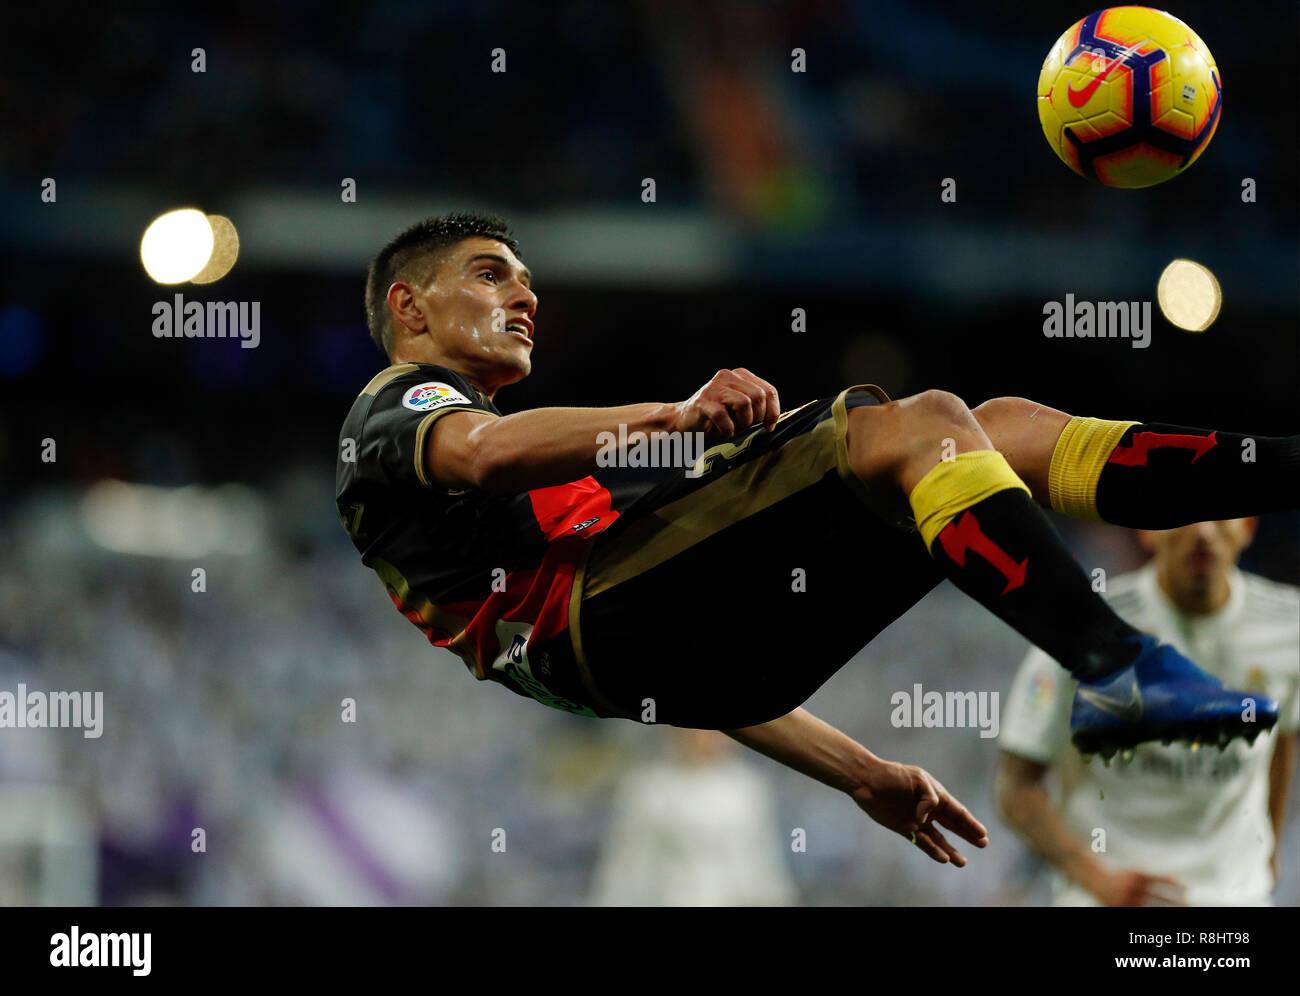 2f5523ce3760e Alejandro Gálvez (Rayo Vallecano) visto en acción durante el partido de  fútbol de la